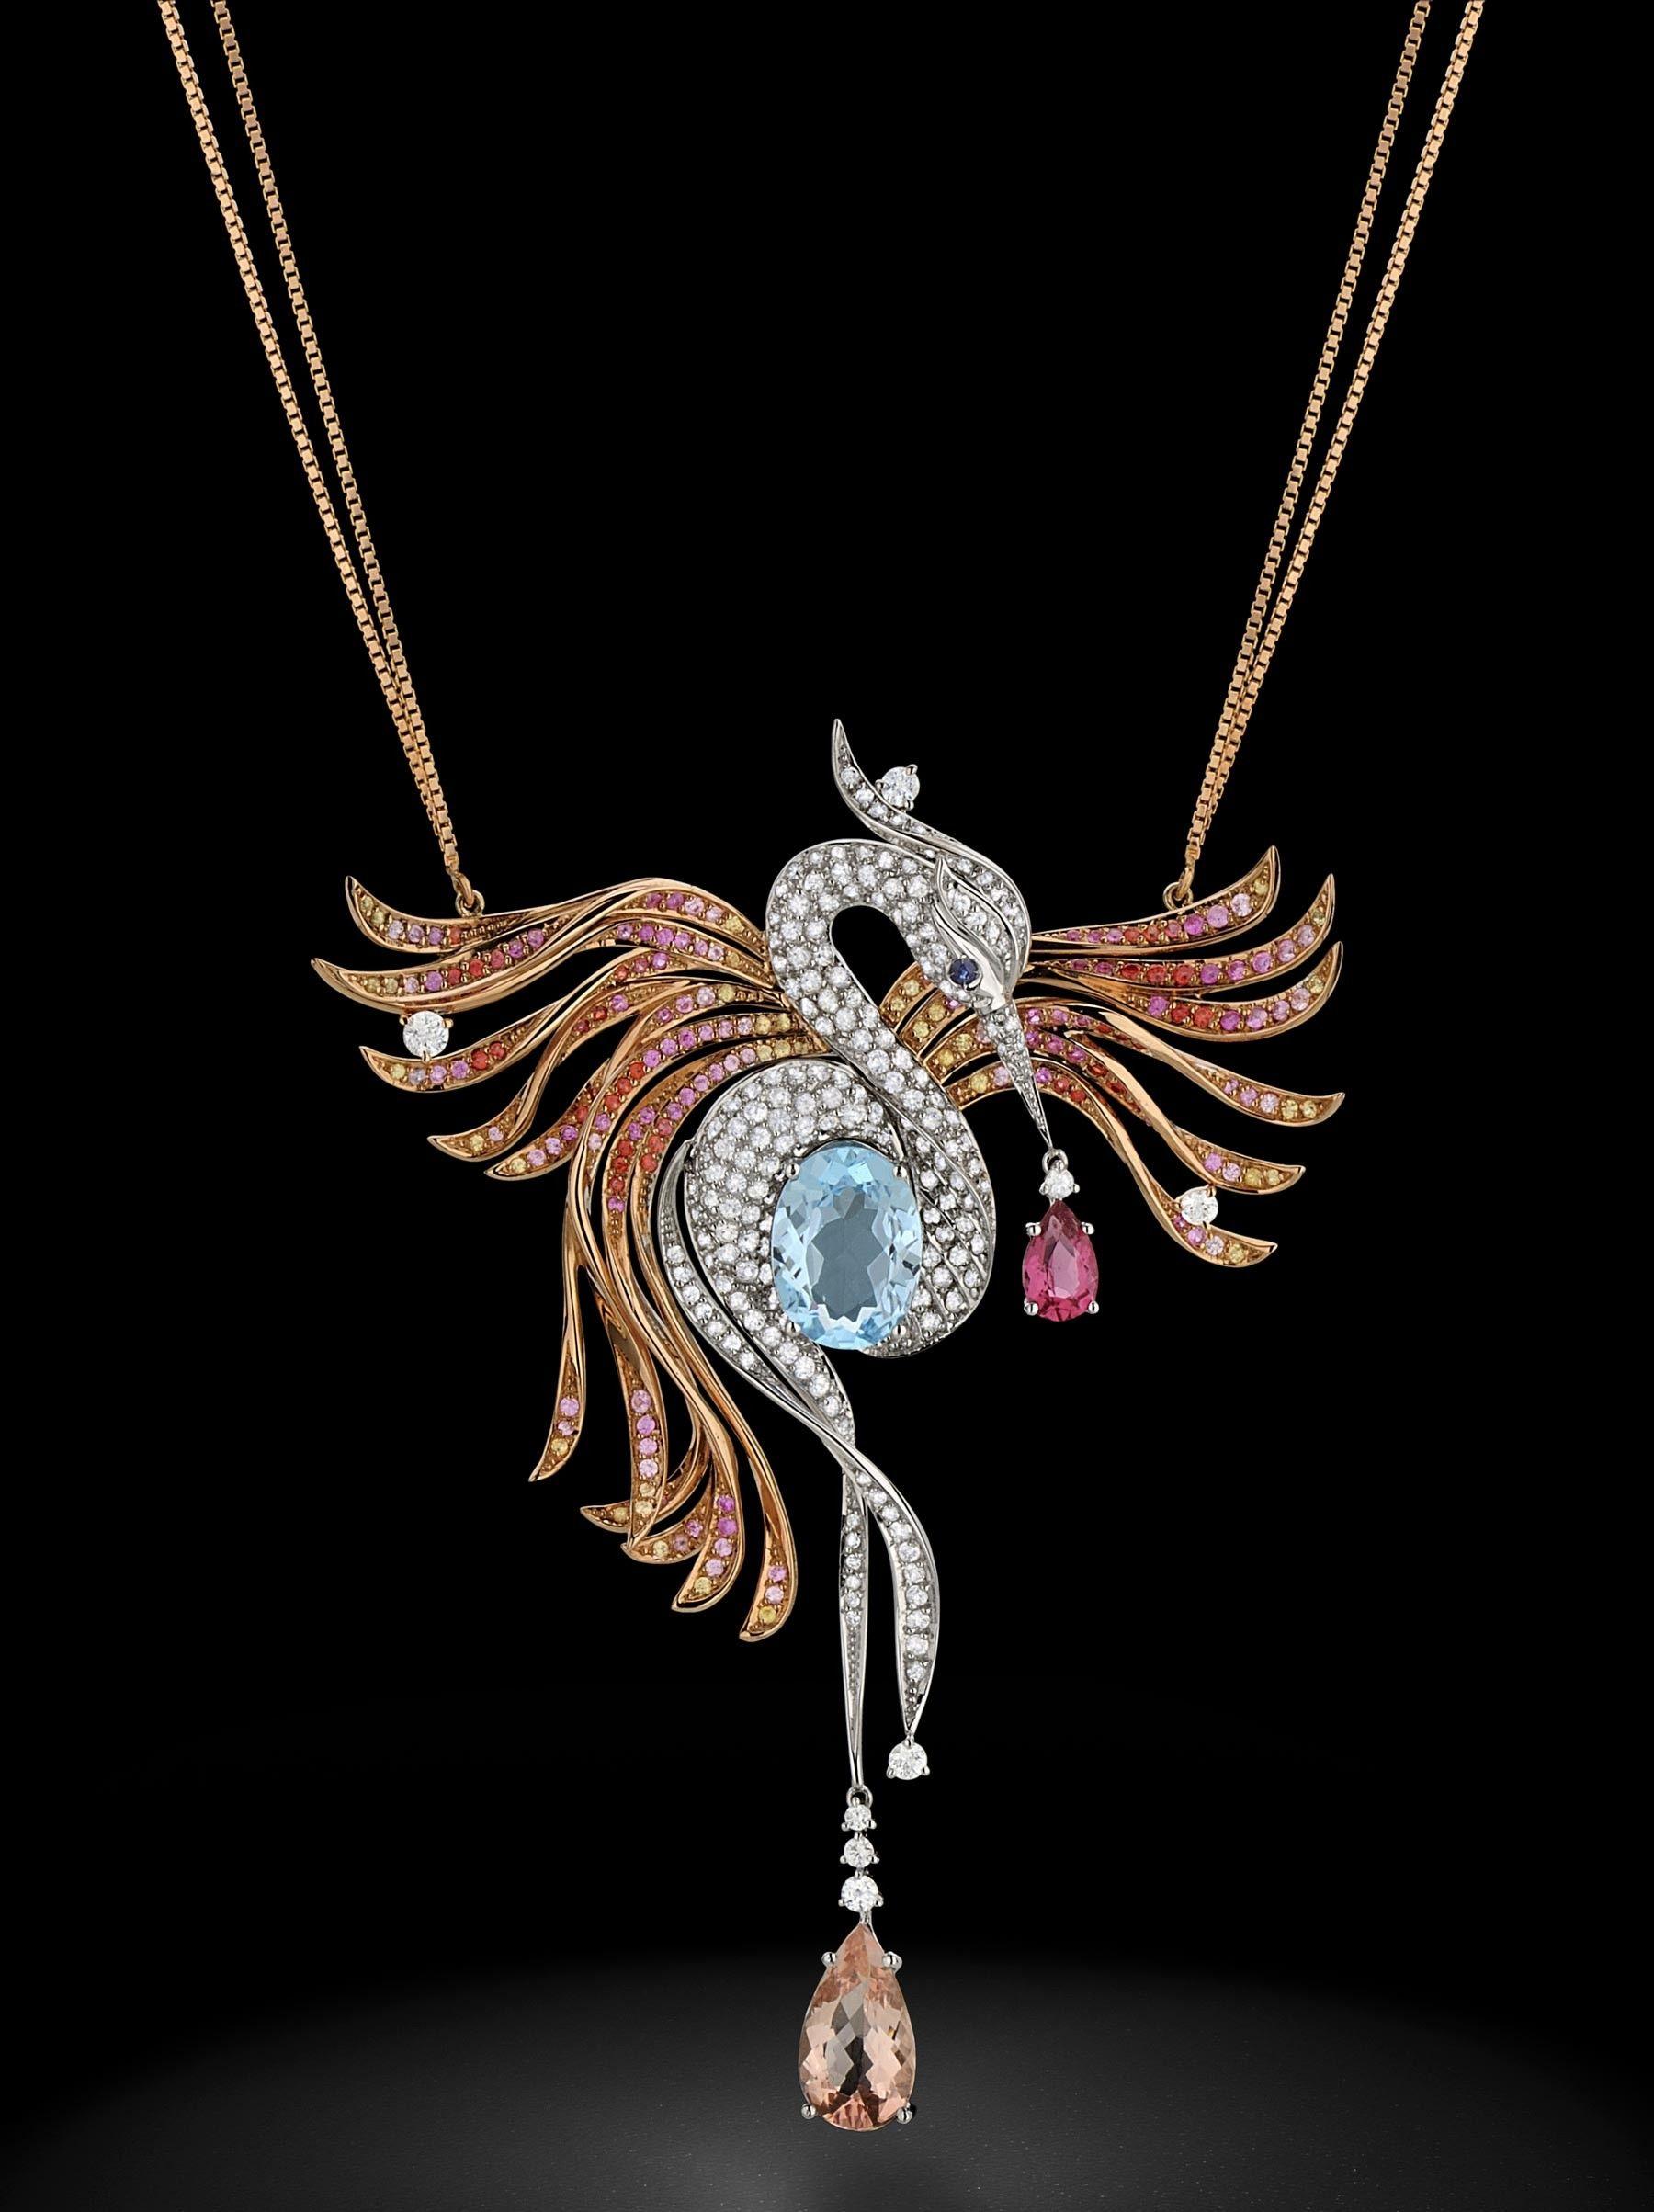 Colar em ouro rosé e ouro branco com safiras brancas, topázio azul, safiras, turmalina rosa e morganita - joia única